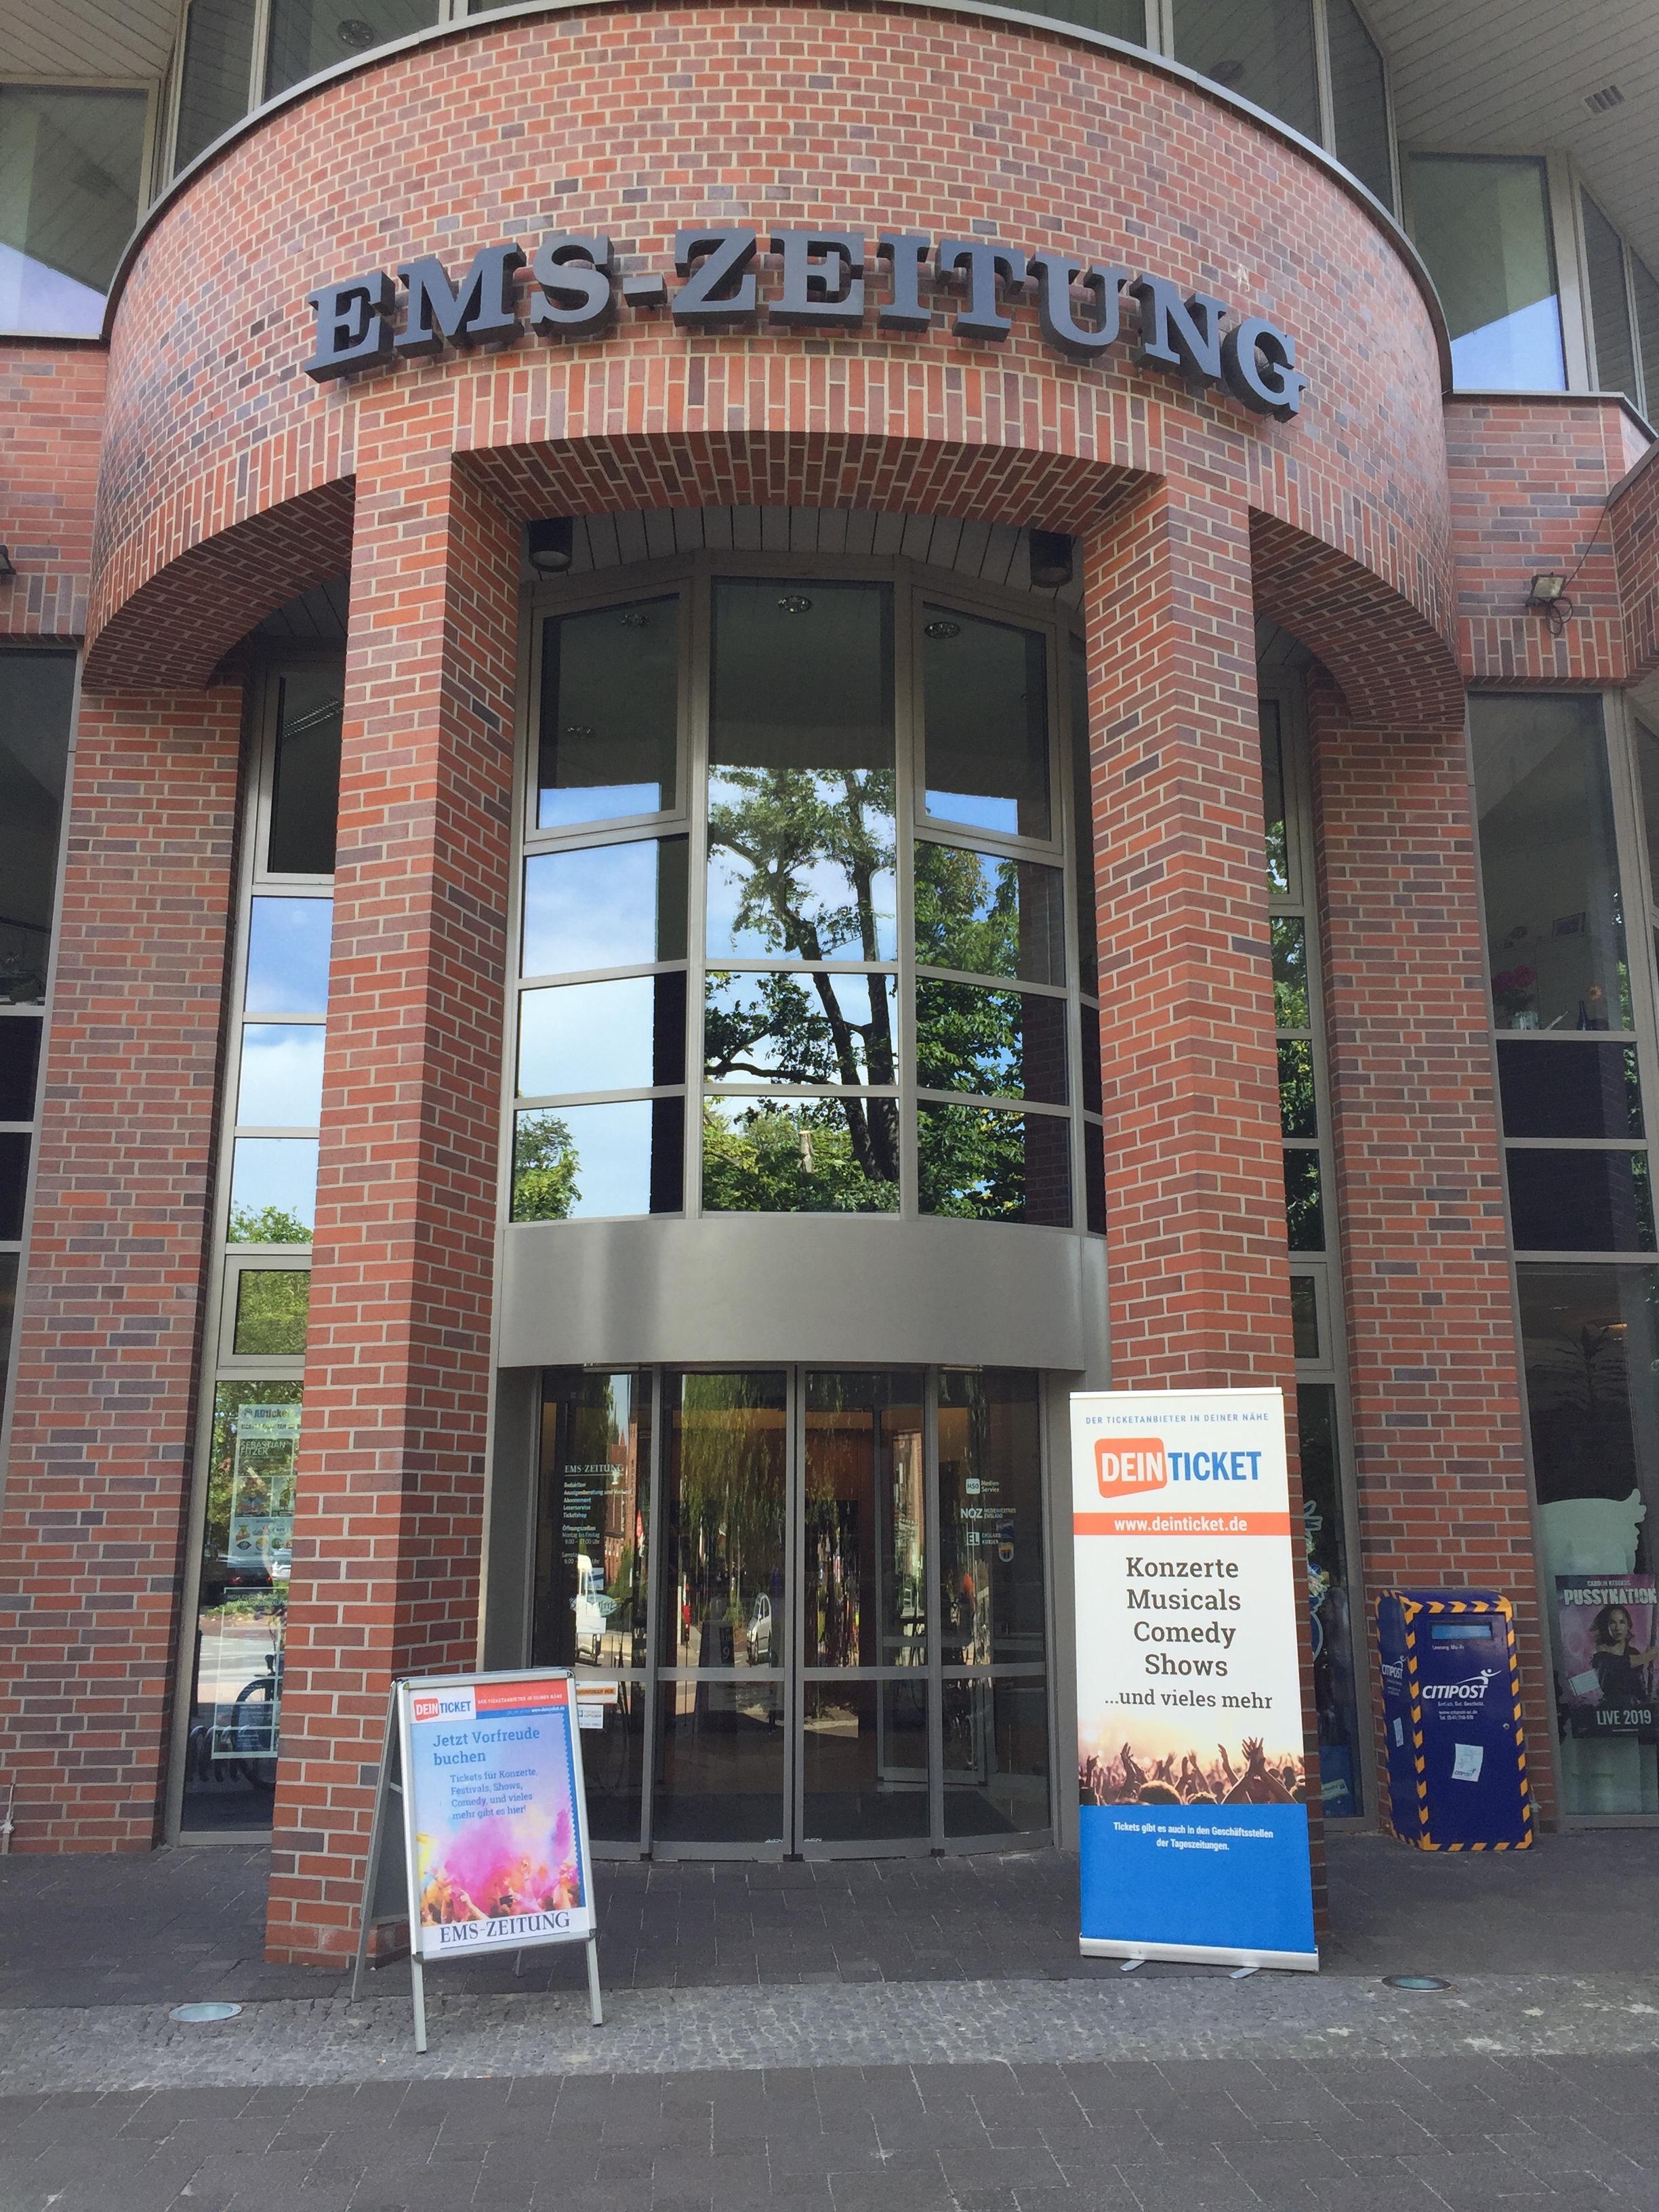 Ems-Zeitung 2.JPG